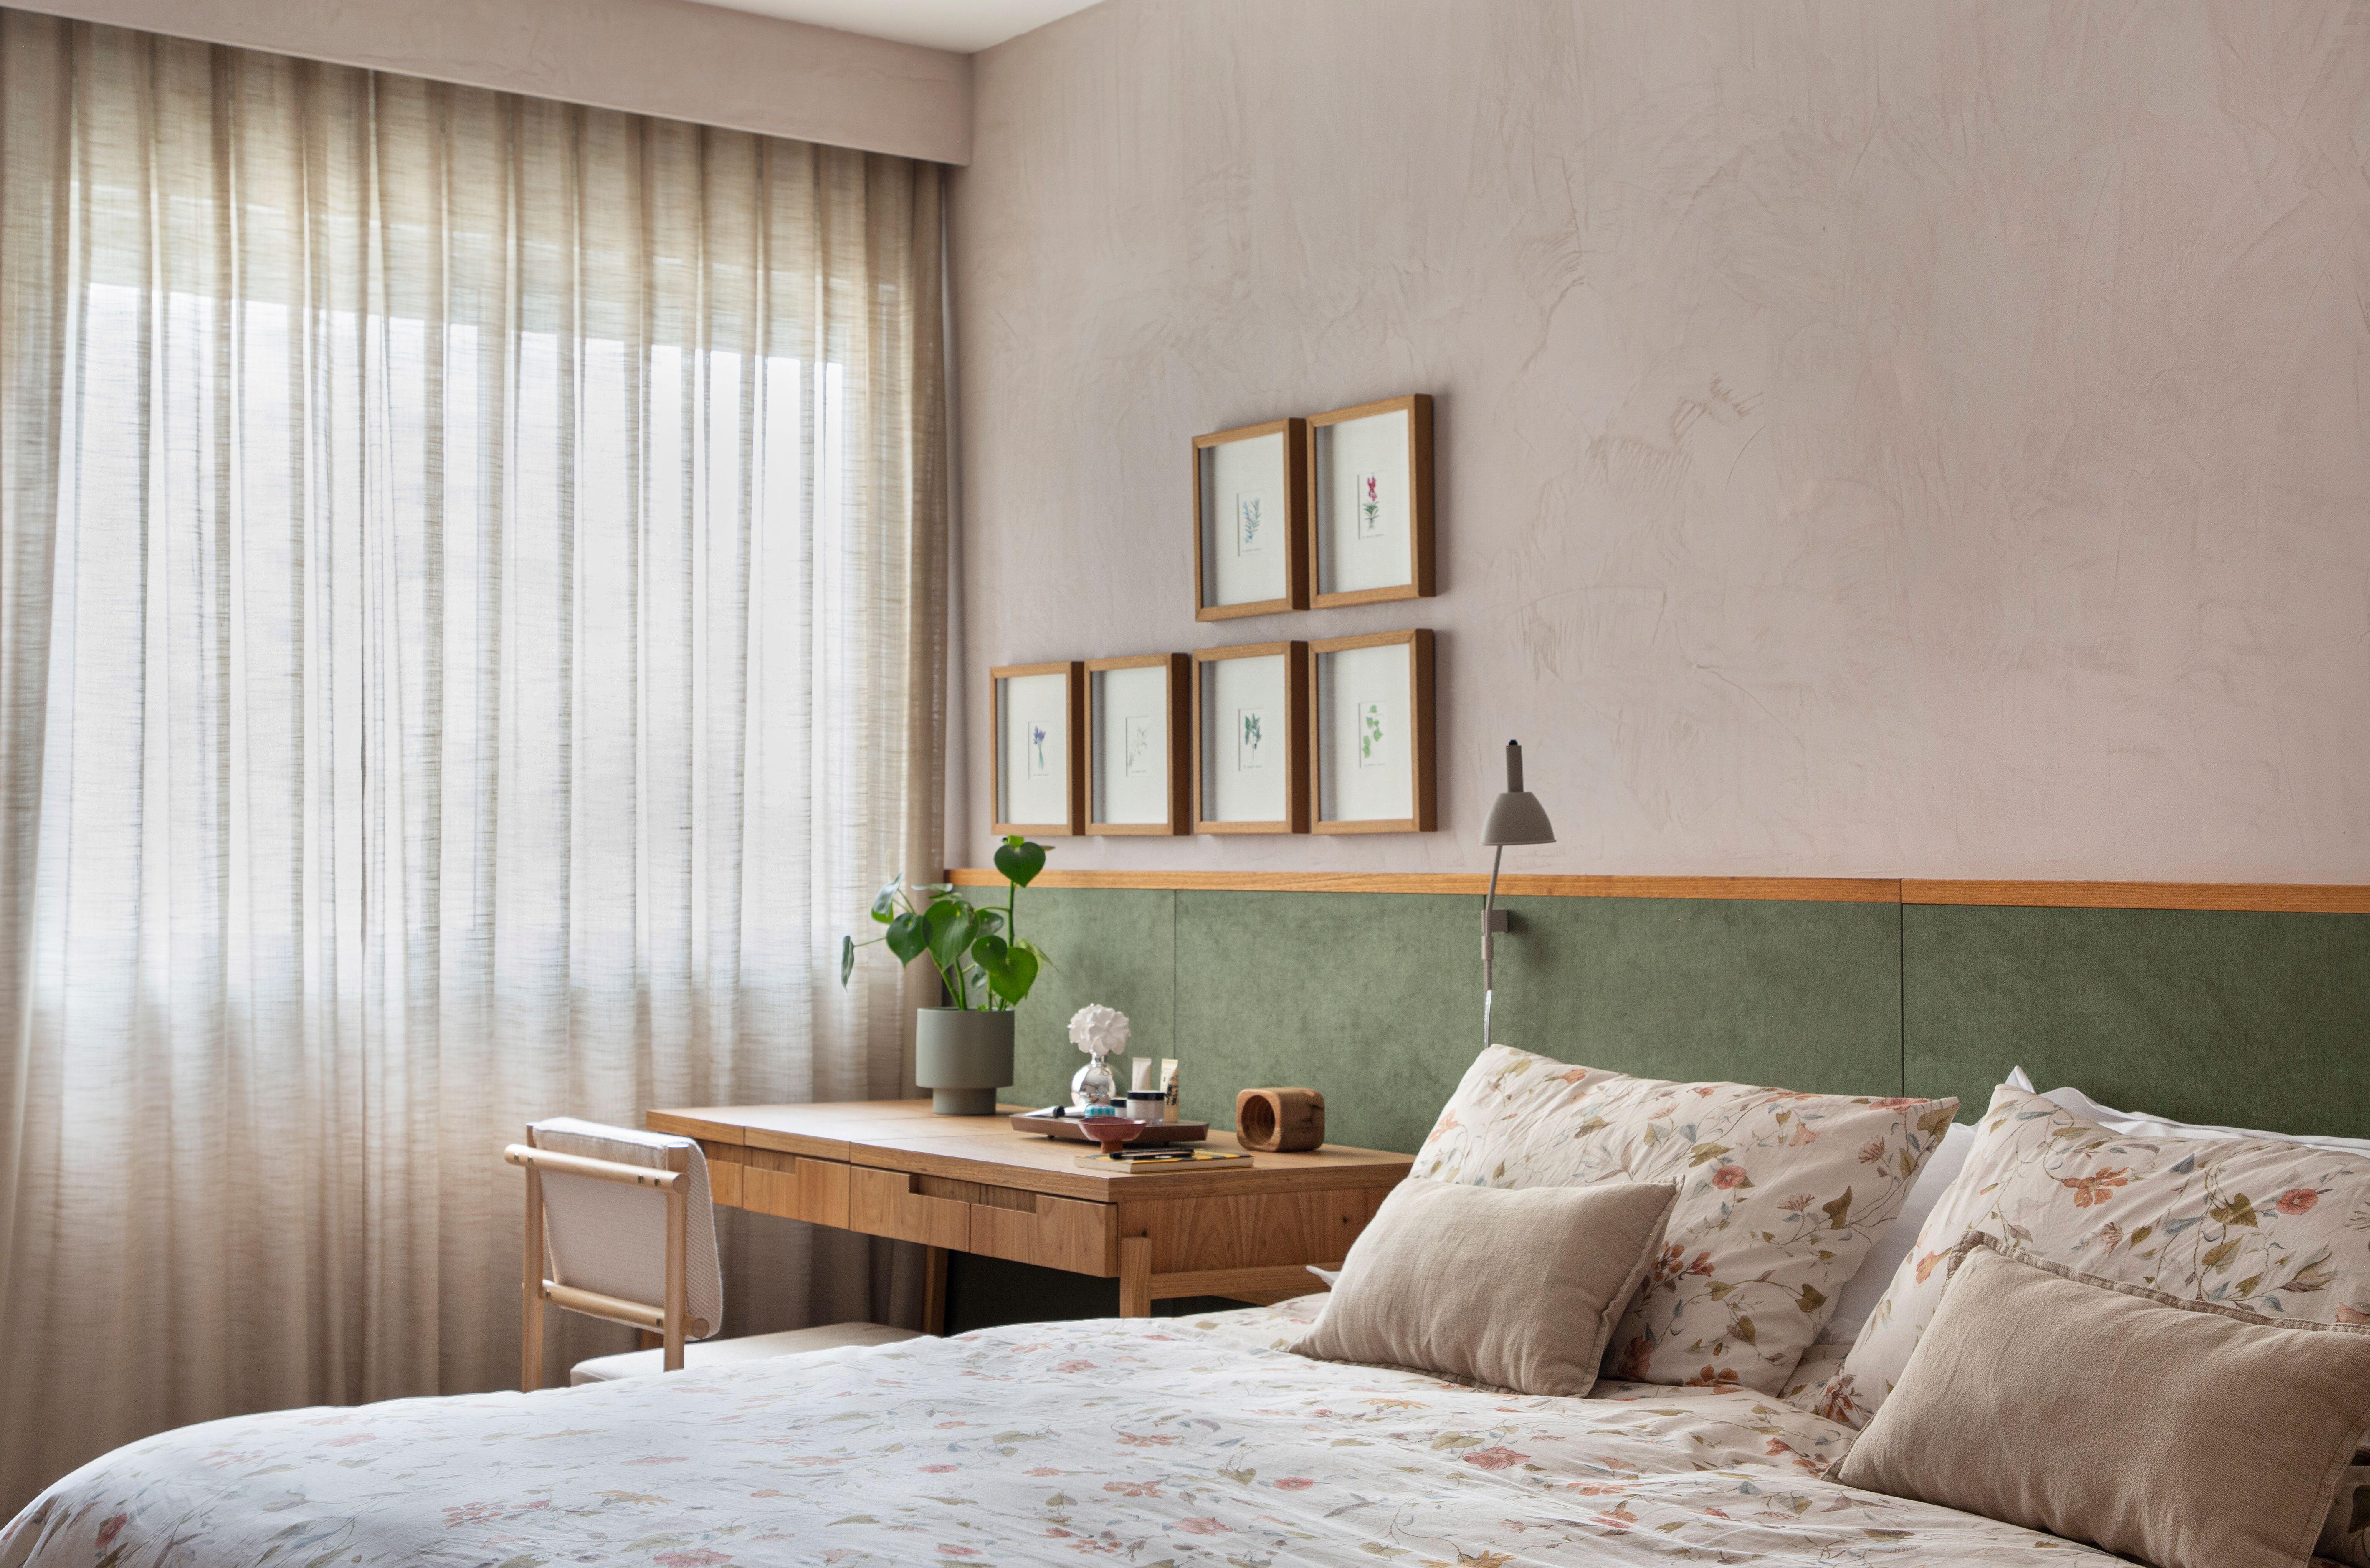 Apartamento cosmopolita e despojado é o novo projeto de Cacau Ribeiro.